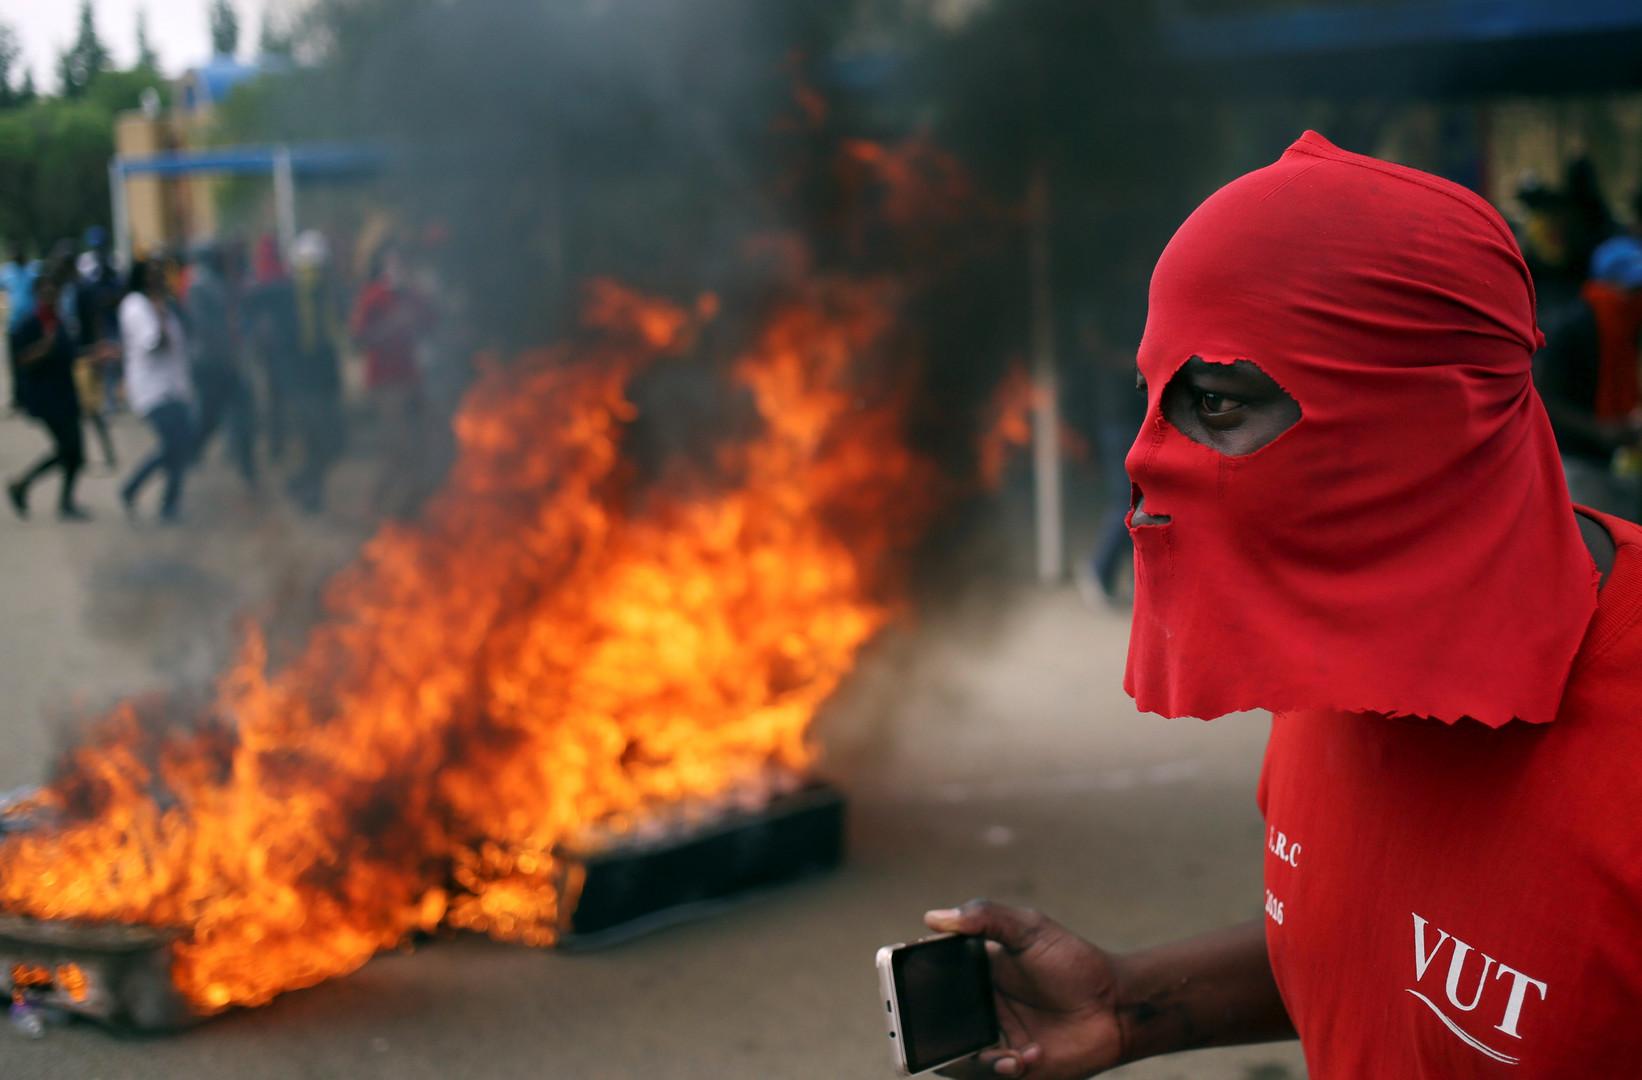 Протестующий в городе Фандербейлпарк, ЮАР. Студенты вышли на улицы с требованием ввести бесплатное образование.